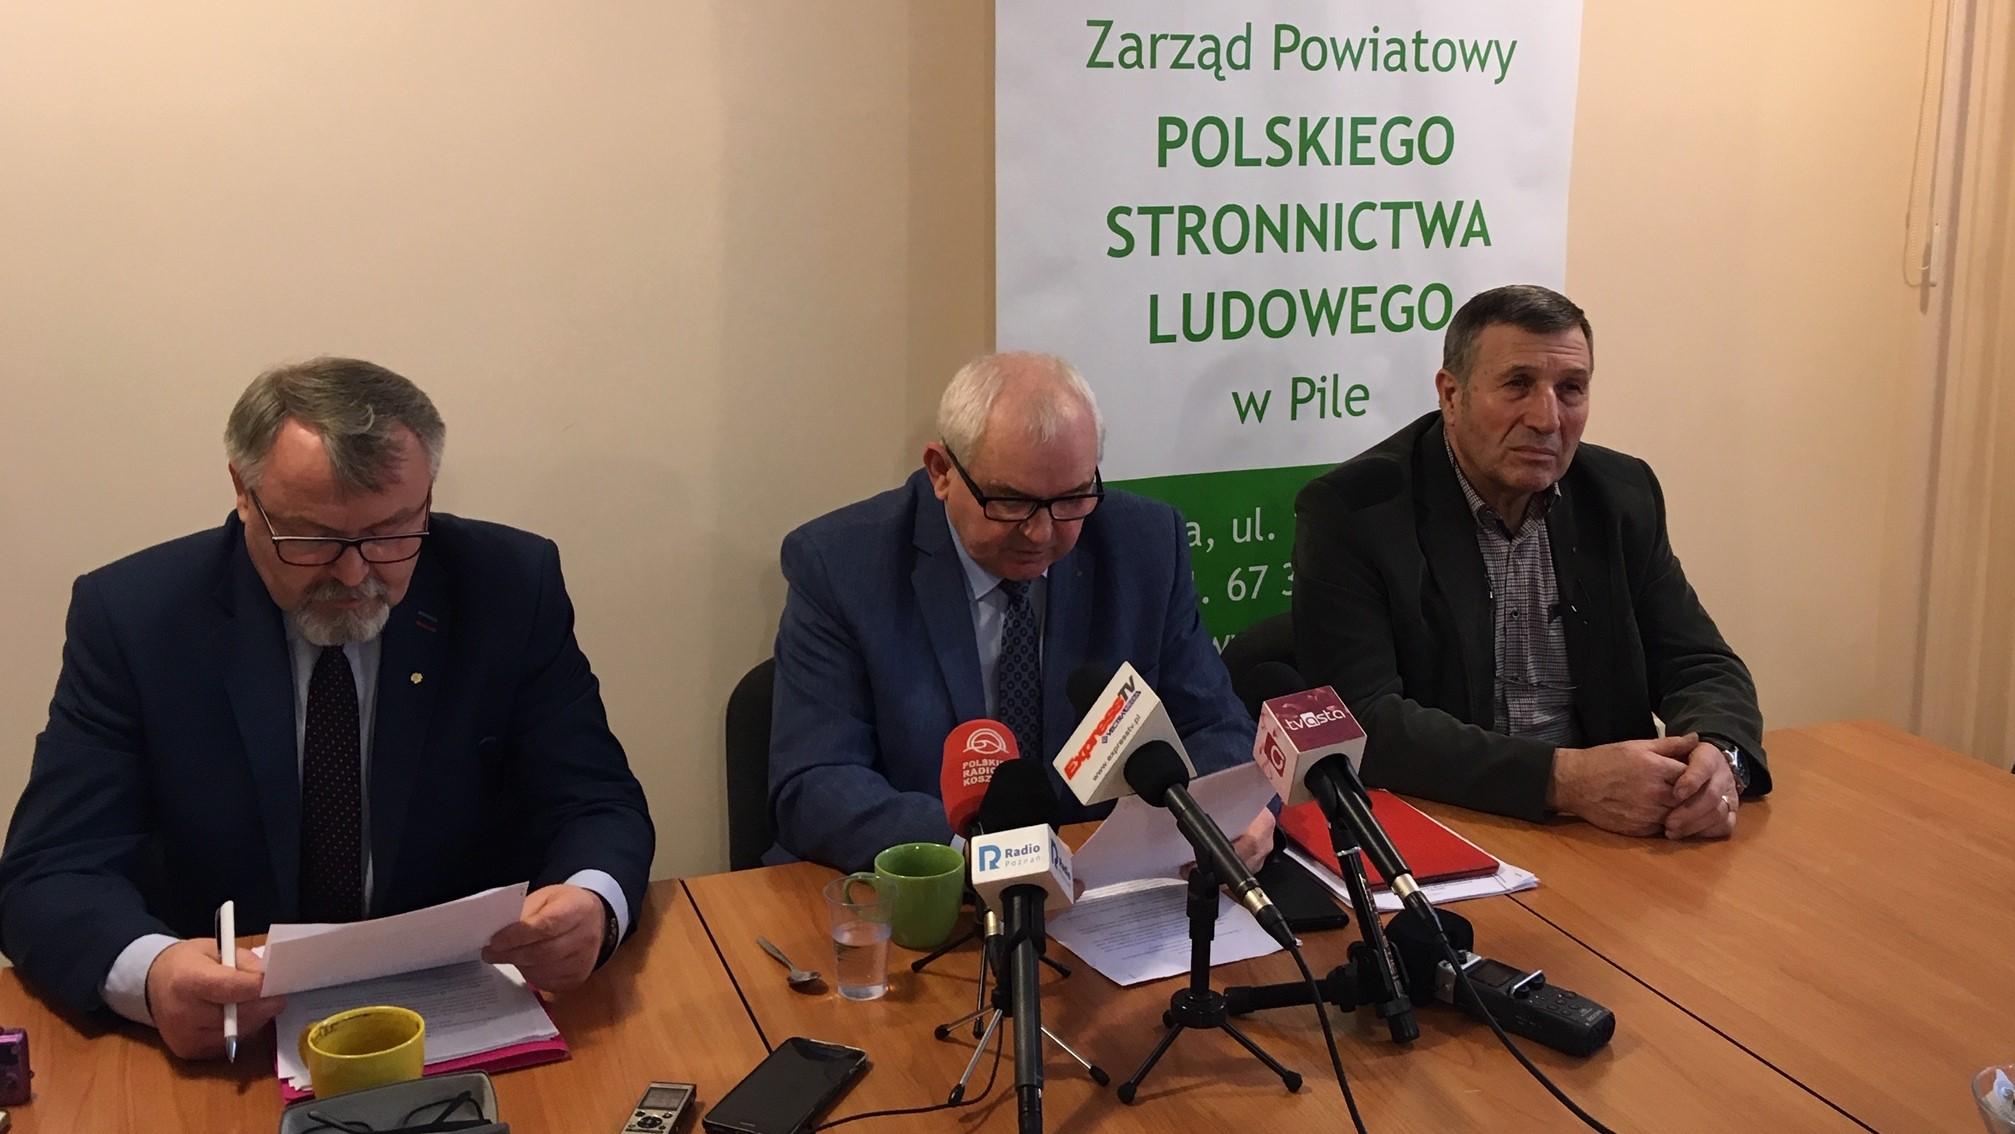 piła konferencja prasowa psl ludowcy - Przemysław Stochaj, Radio Poznań